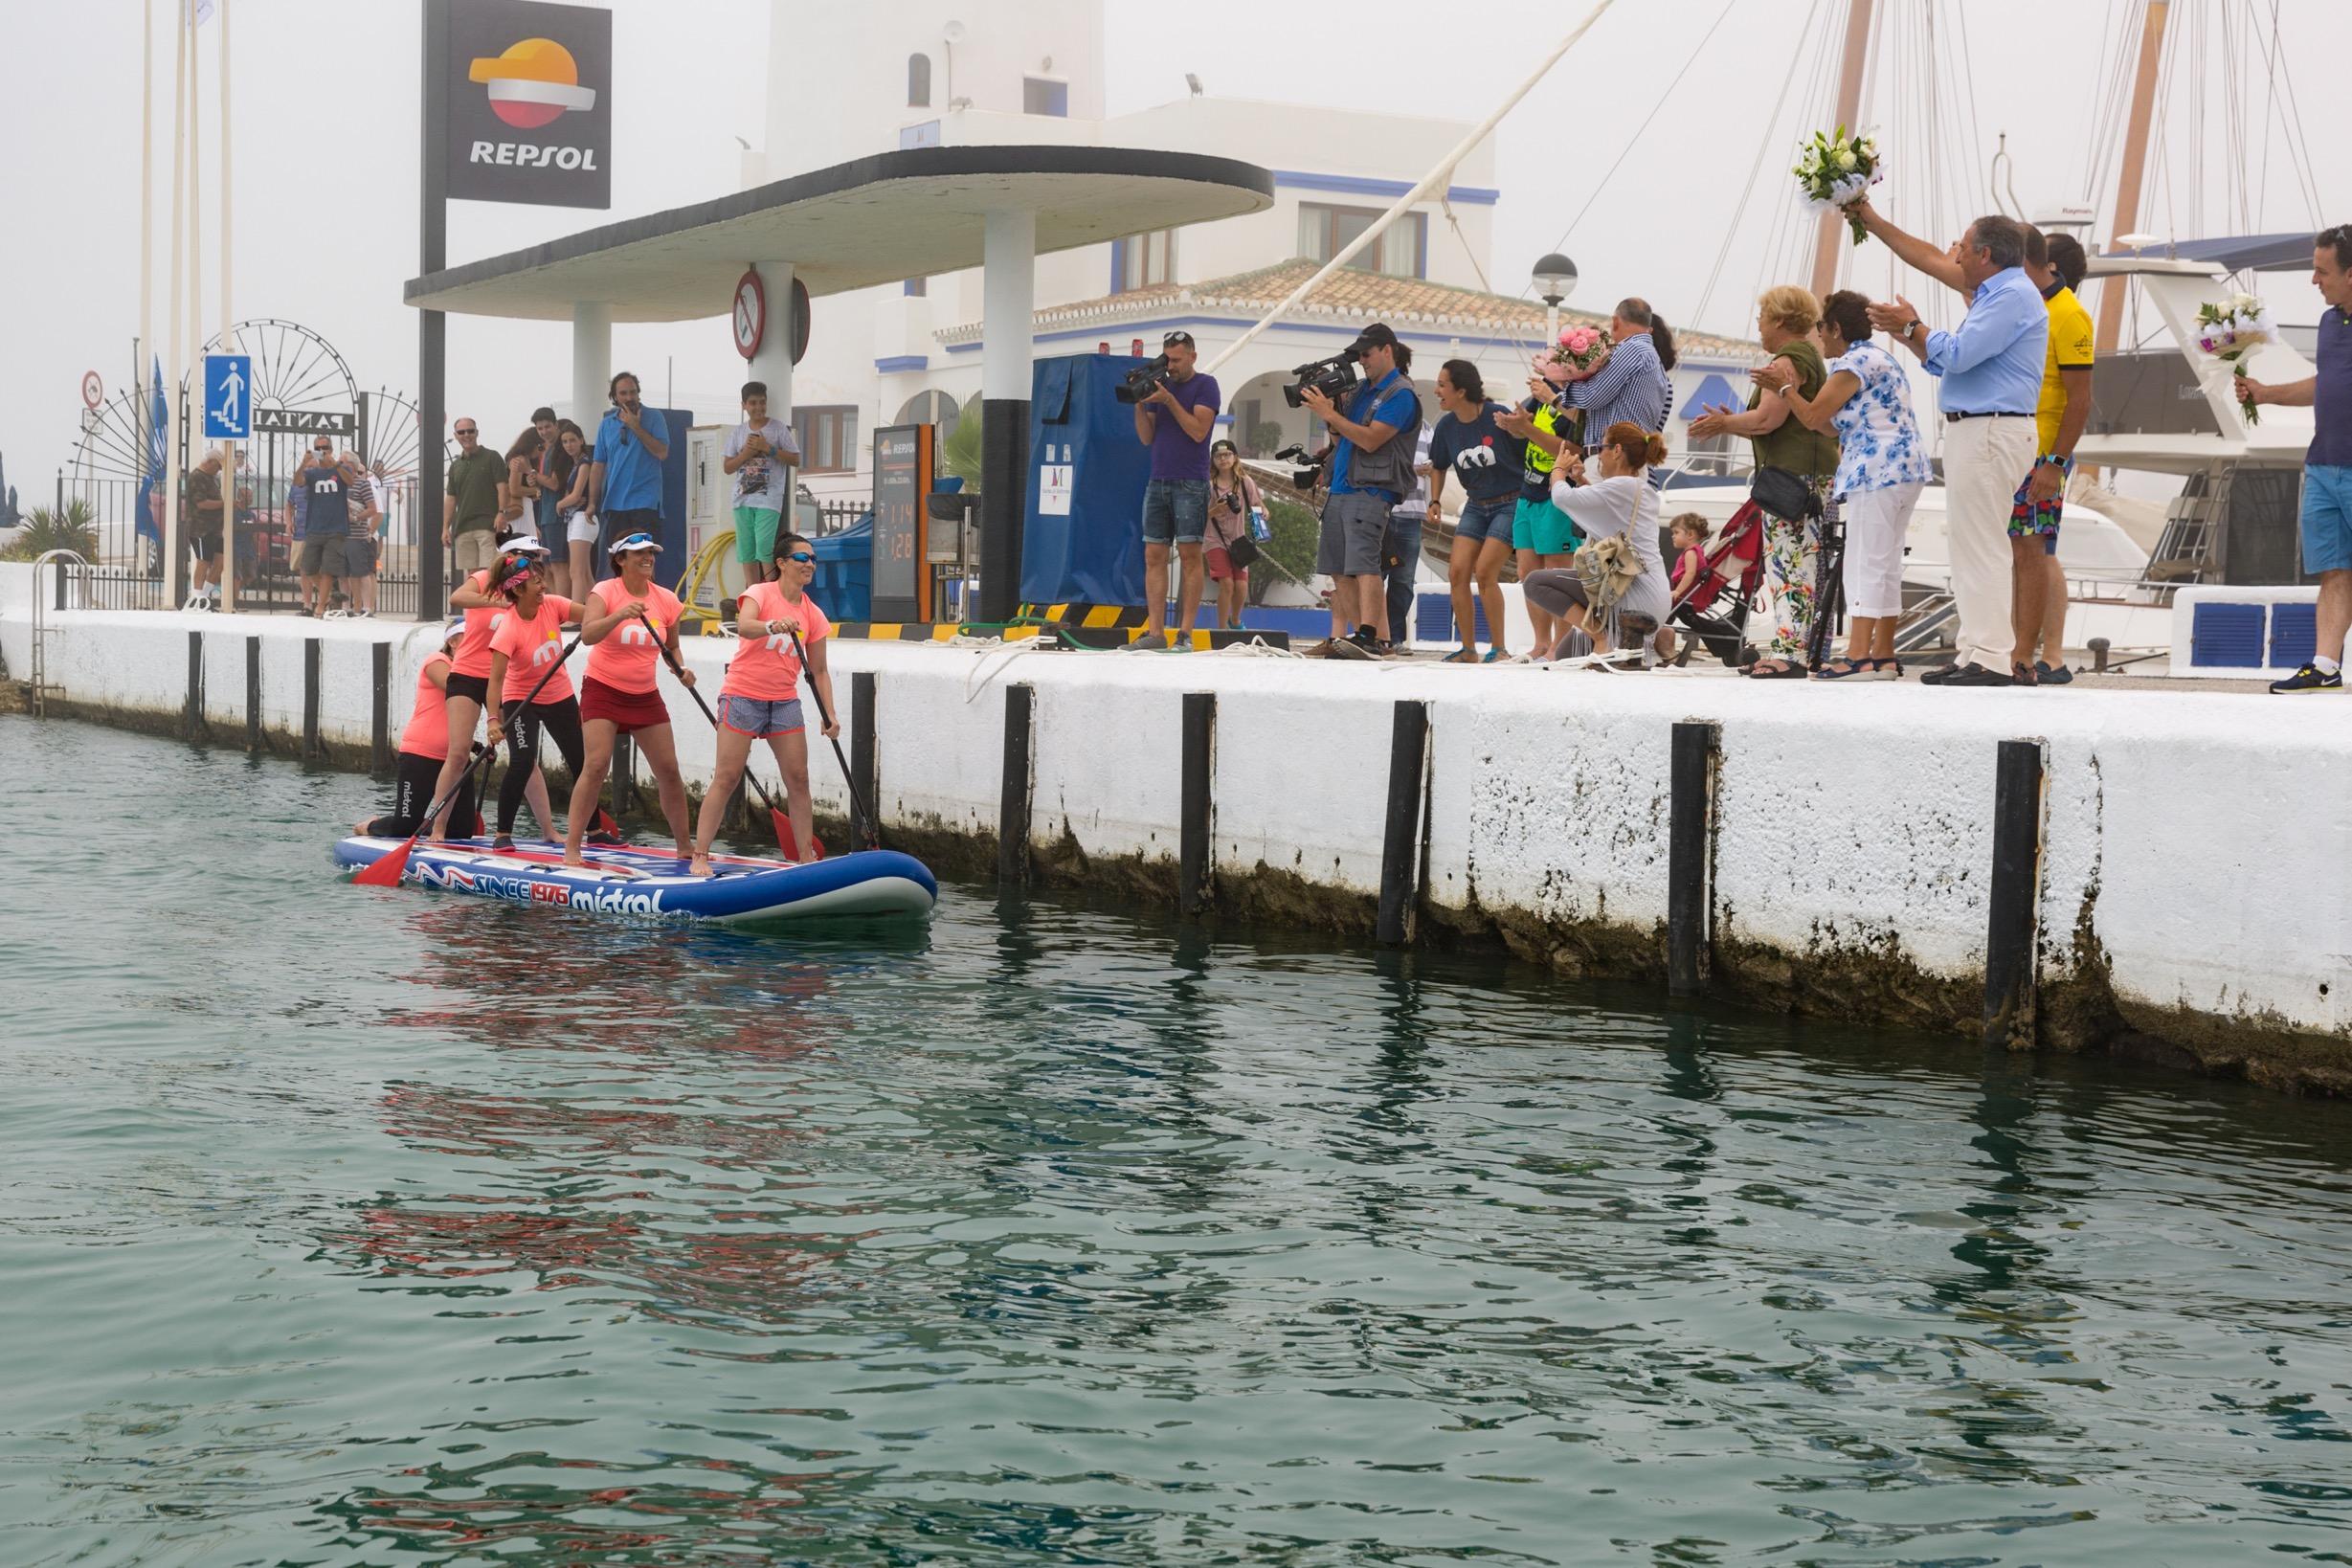 SURFEANDO LA VIDA. Llegada al Puerto de La Duquesa, en Manilva